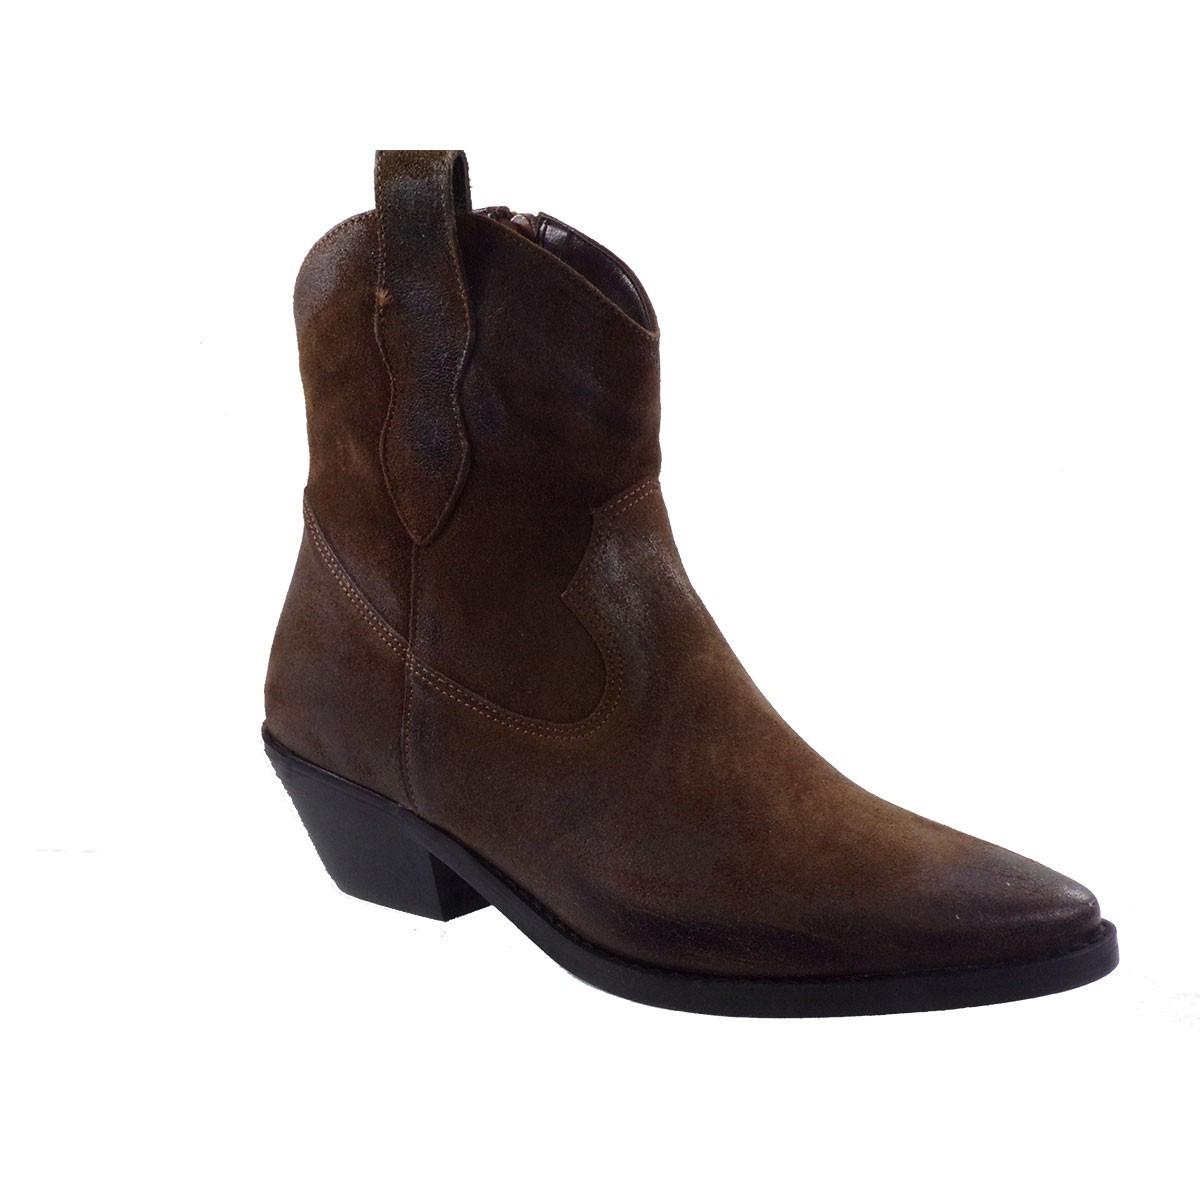 Fardoulis Shoes Γυναικεία Παπούτσια Μποτάκια 4108 Καφέ